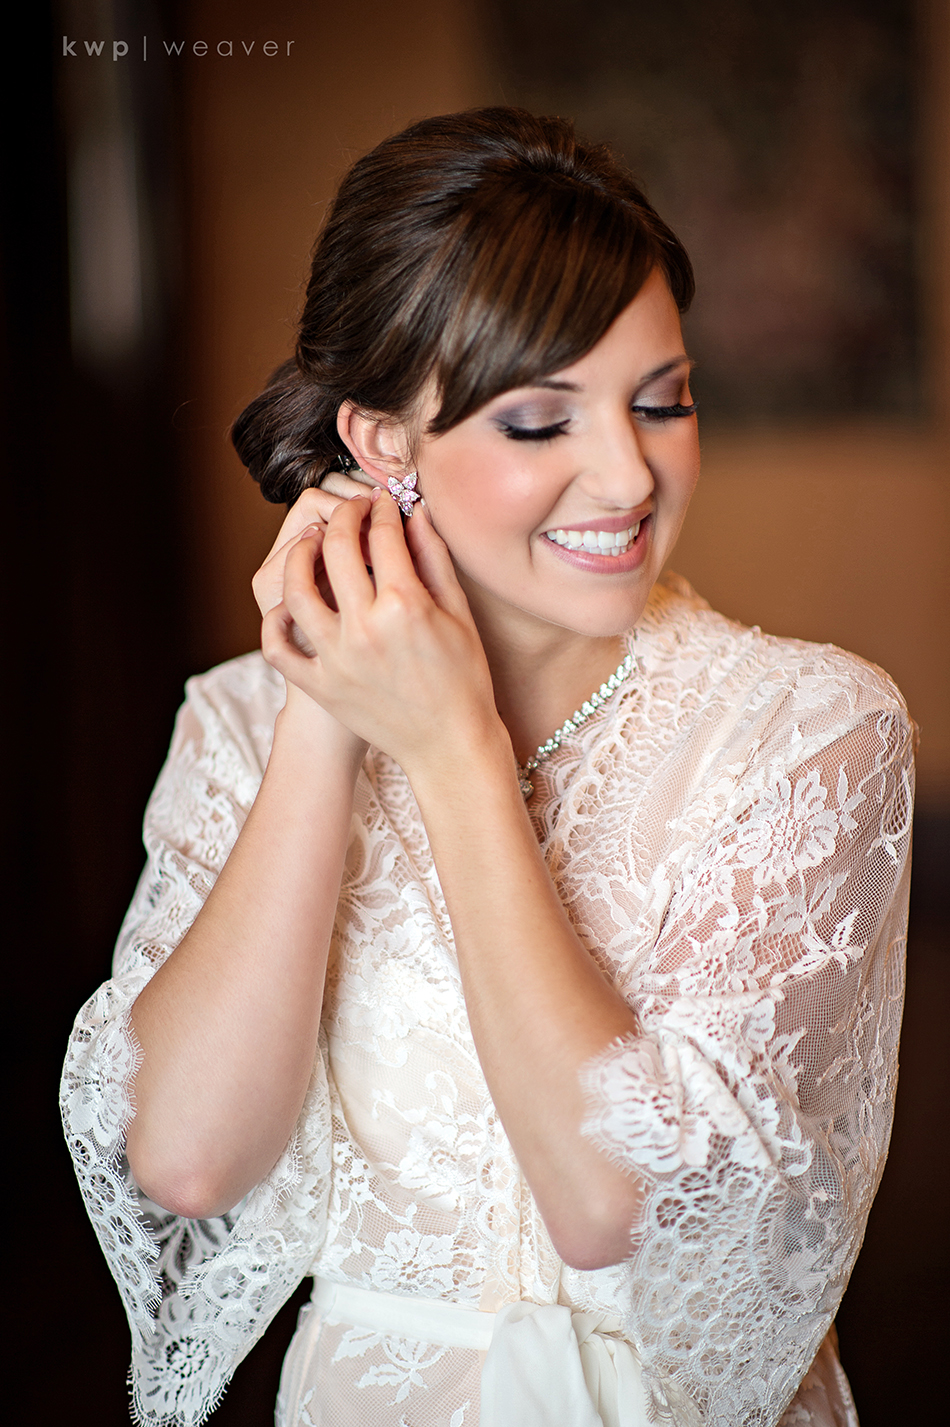 Bride hair and makeup / LeJeune Artistry